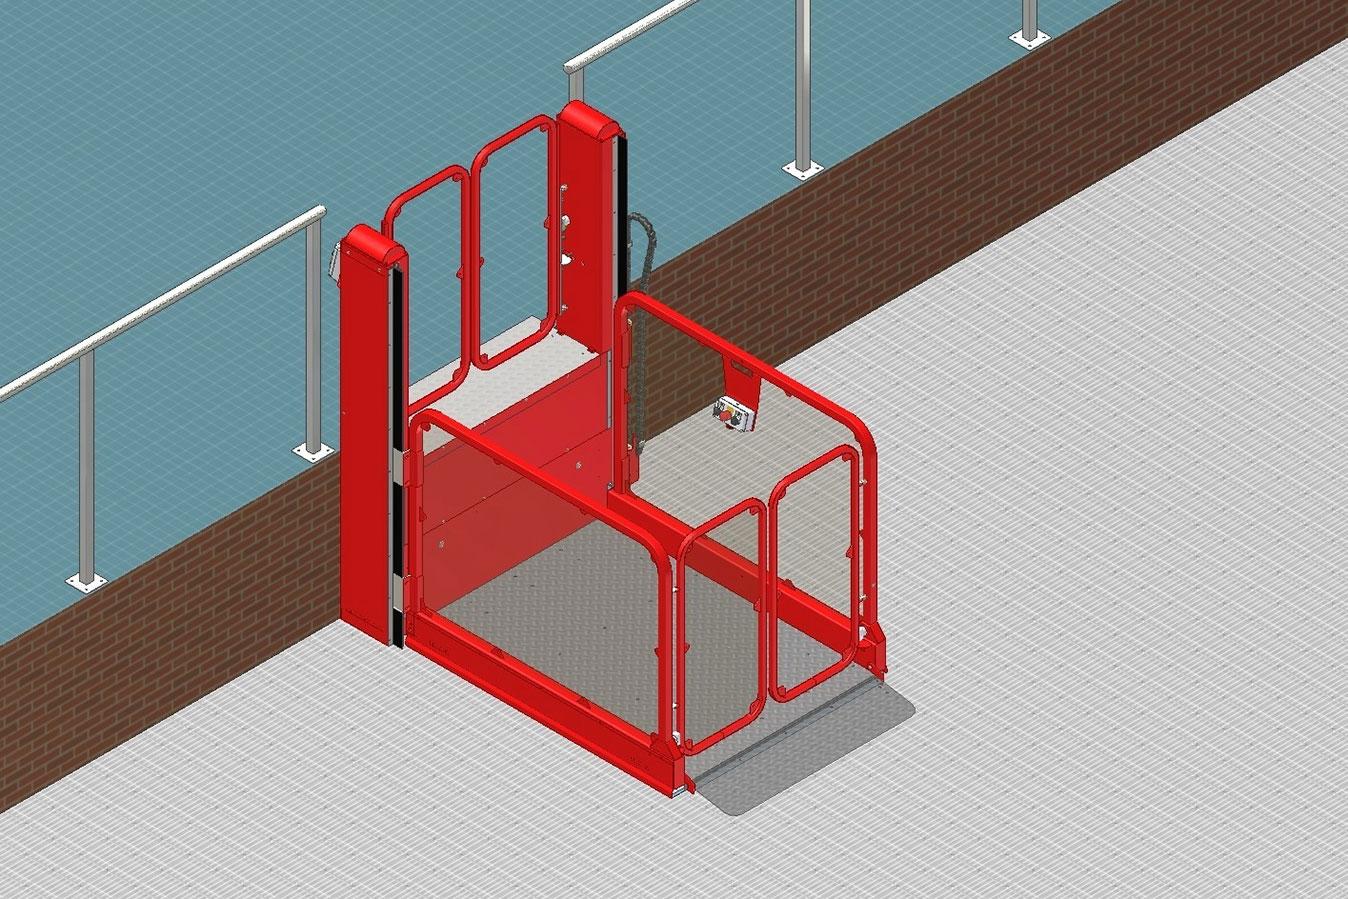 Podnośnik platformowy dla niepełnosprawnych STRATEG (wysokość podnoszenia do 3 metrów)